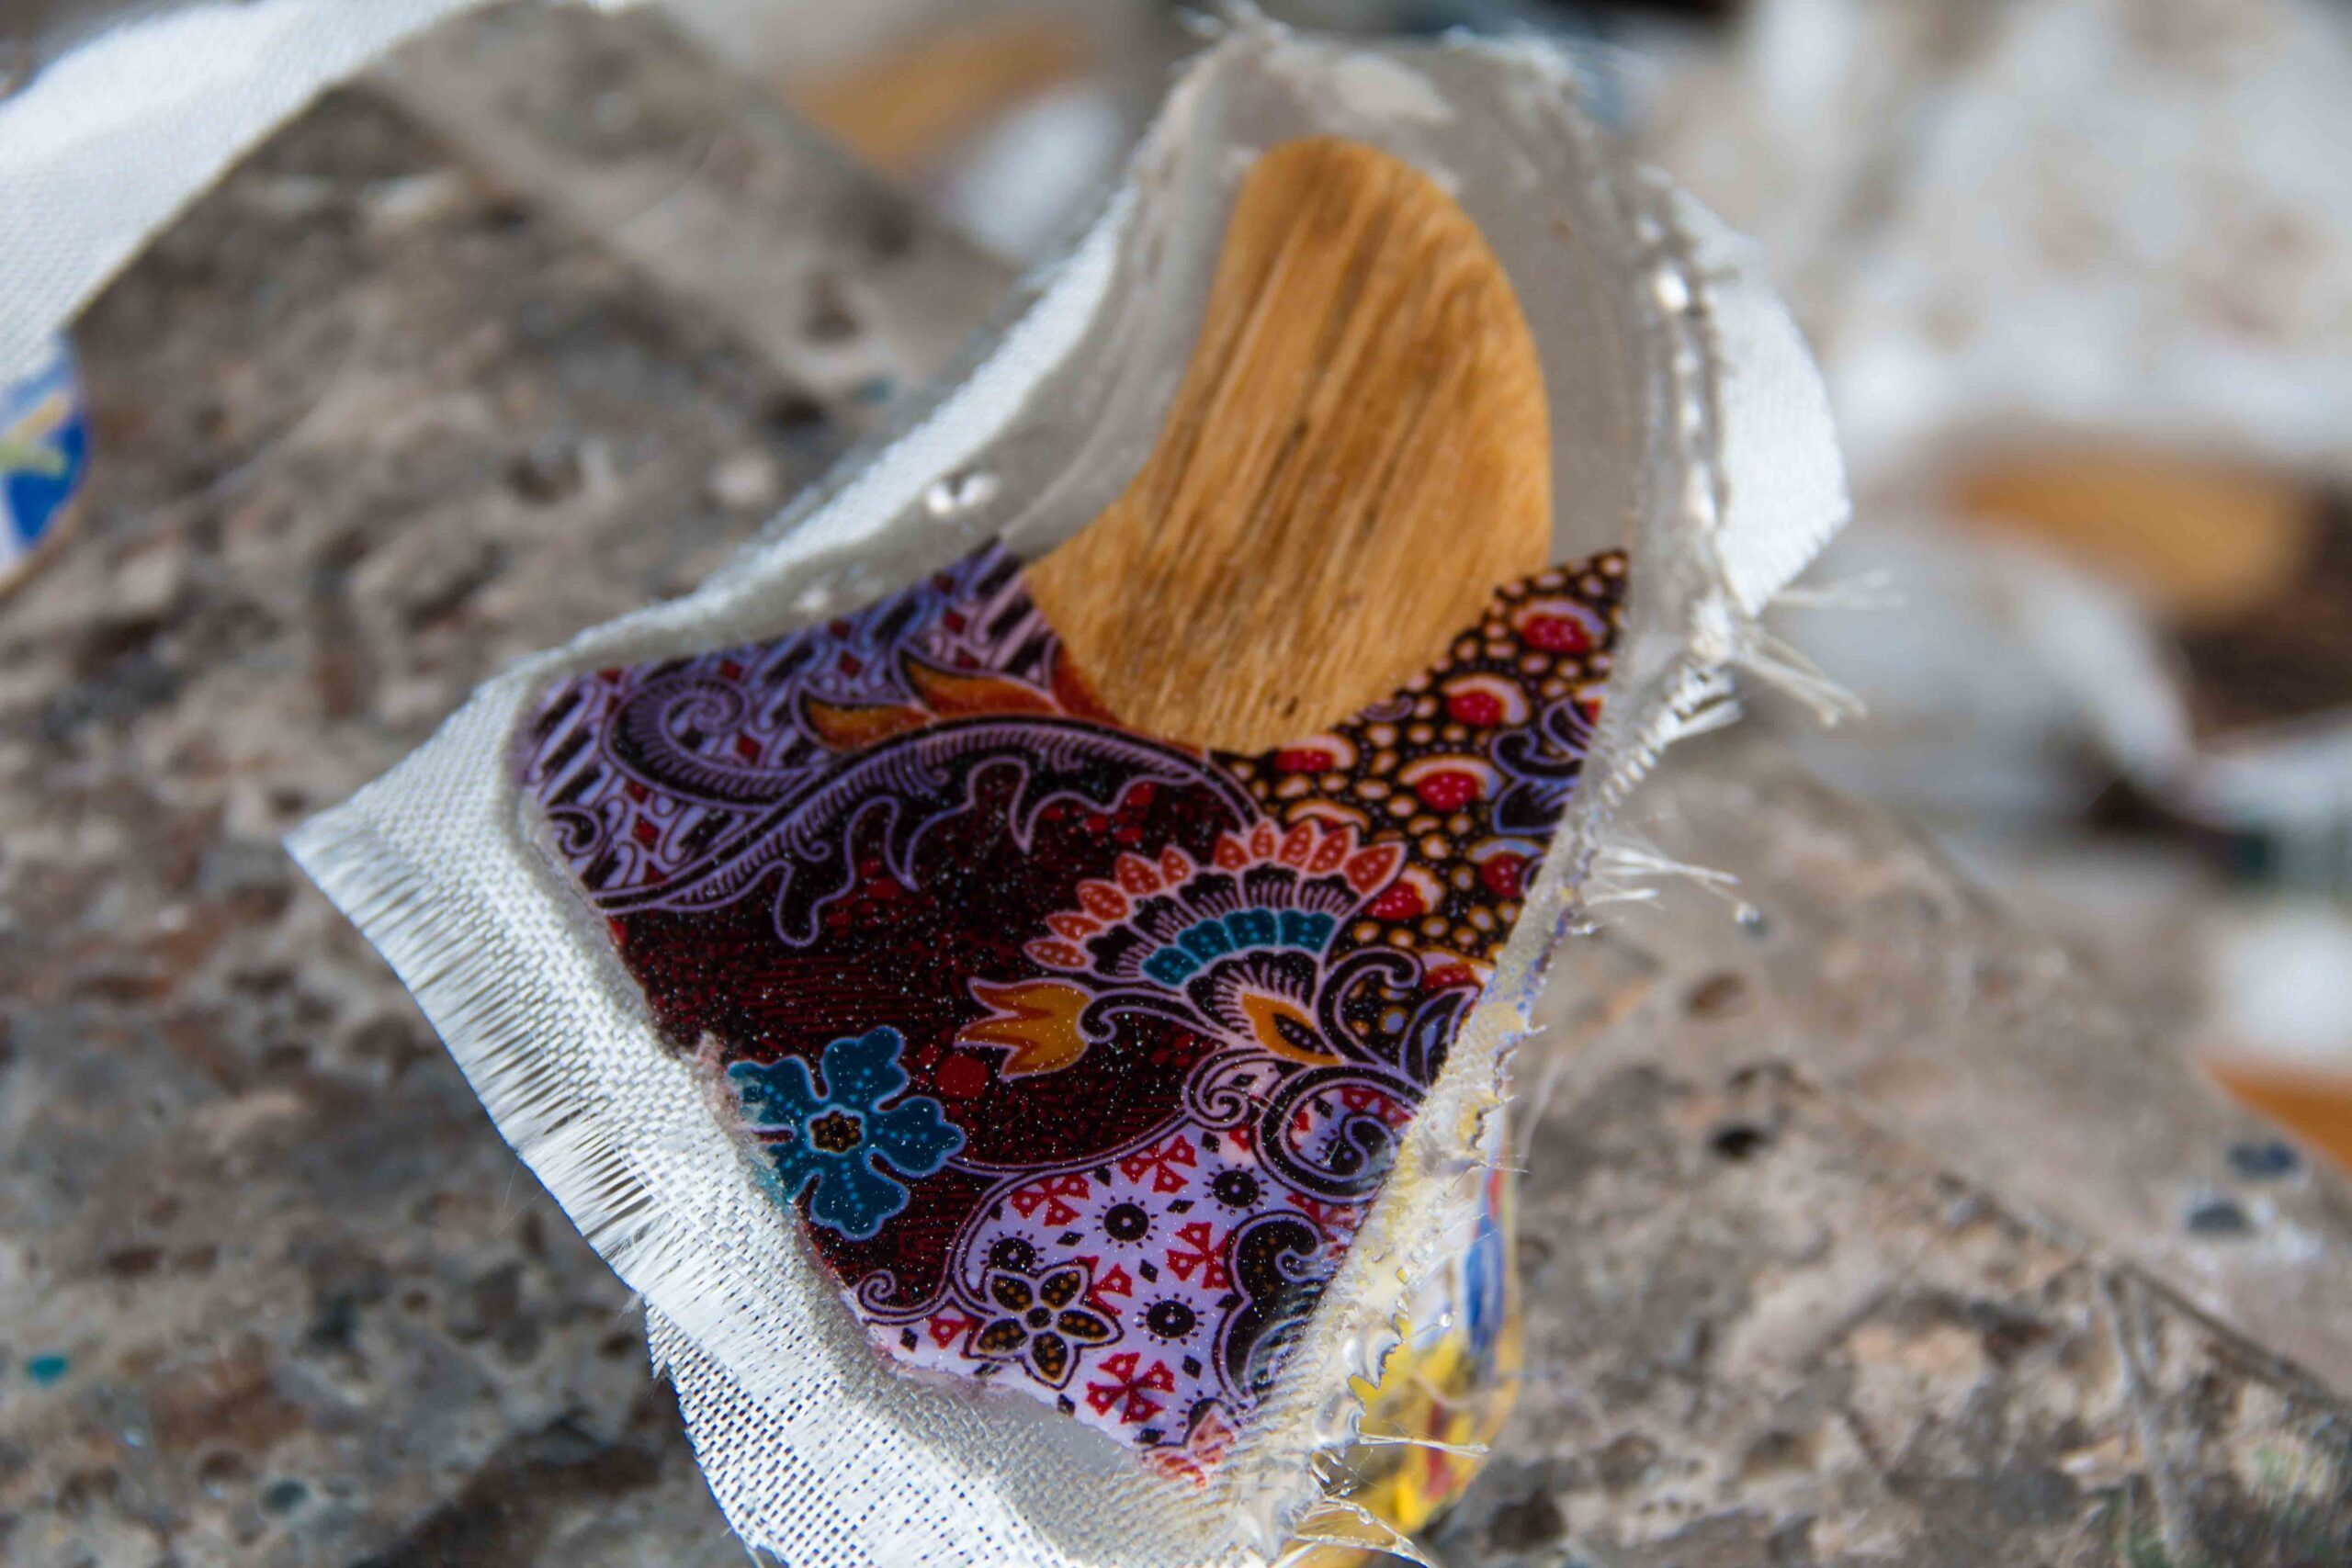 Batik Fins Cimaja in Java